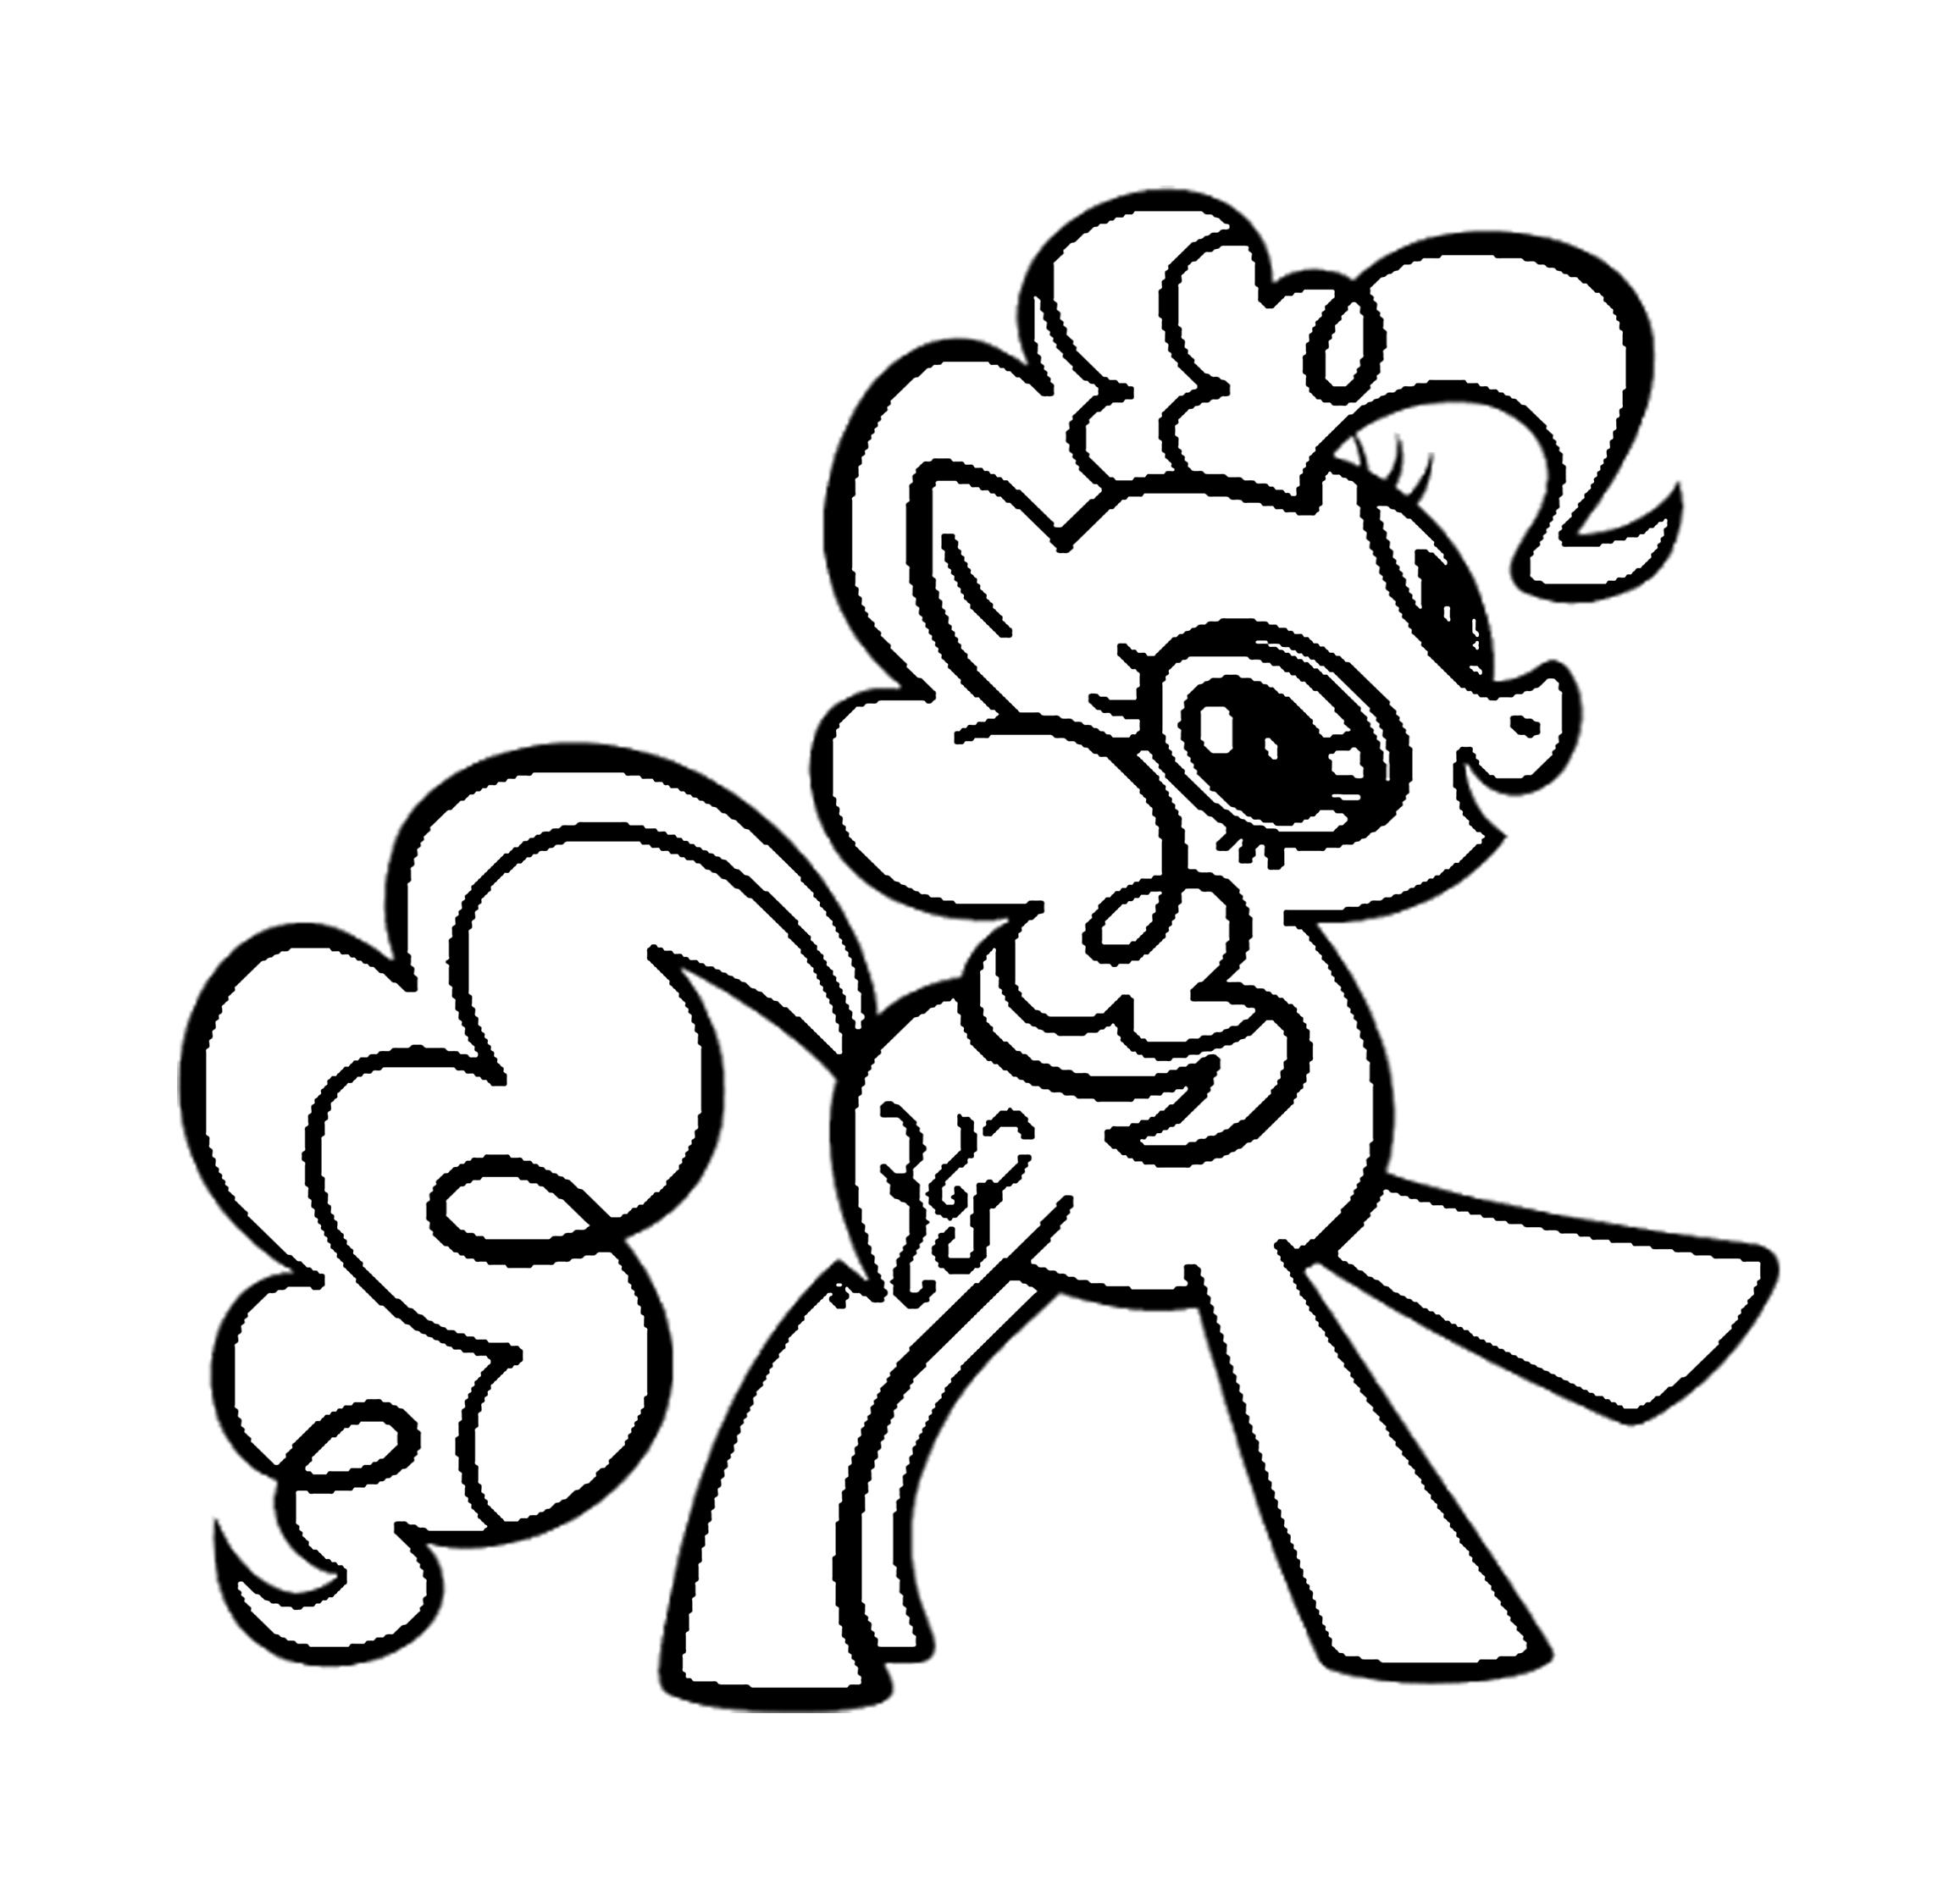 My Little Pony Ausmalbilder Kostenlos Malvorlagen Windowcolor zum